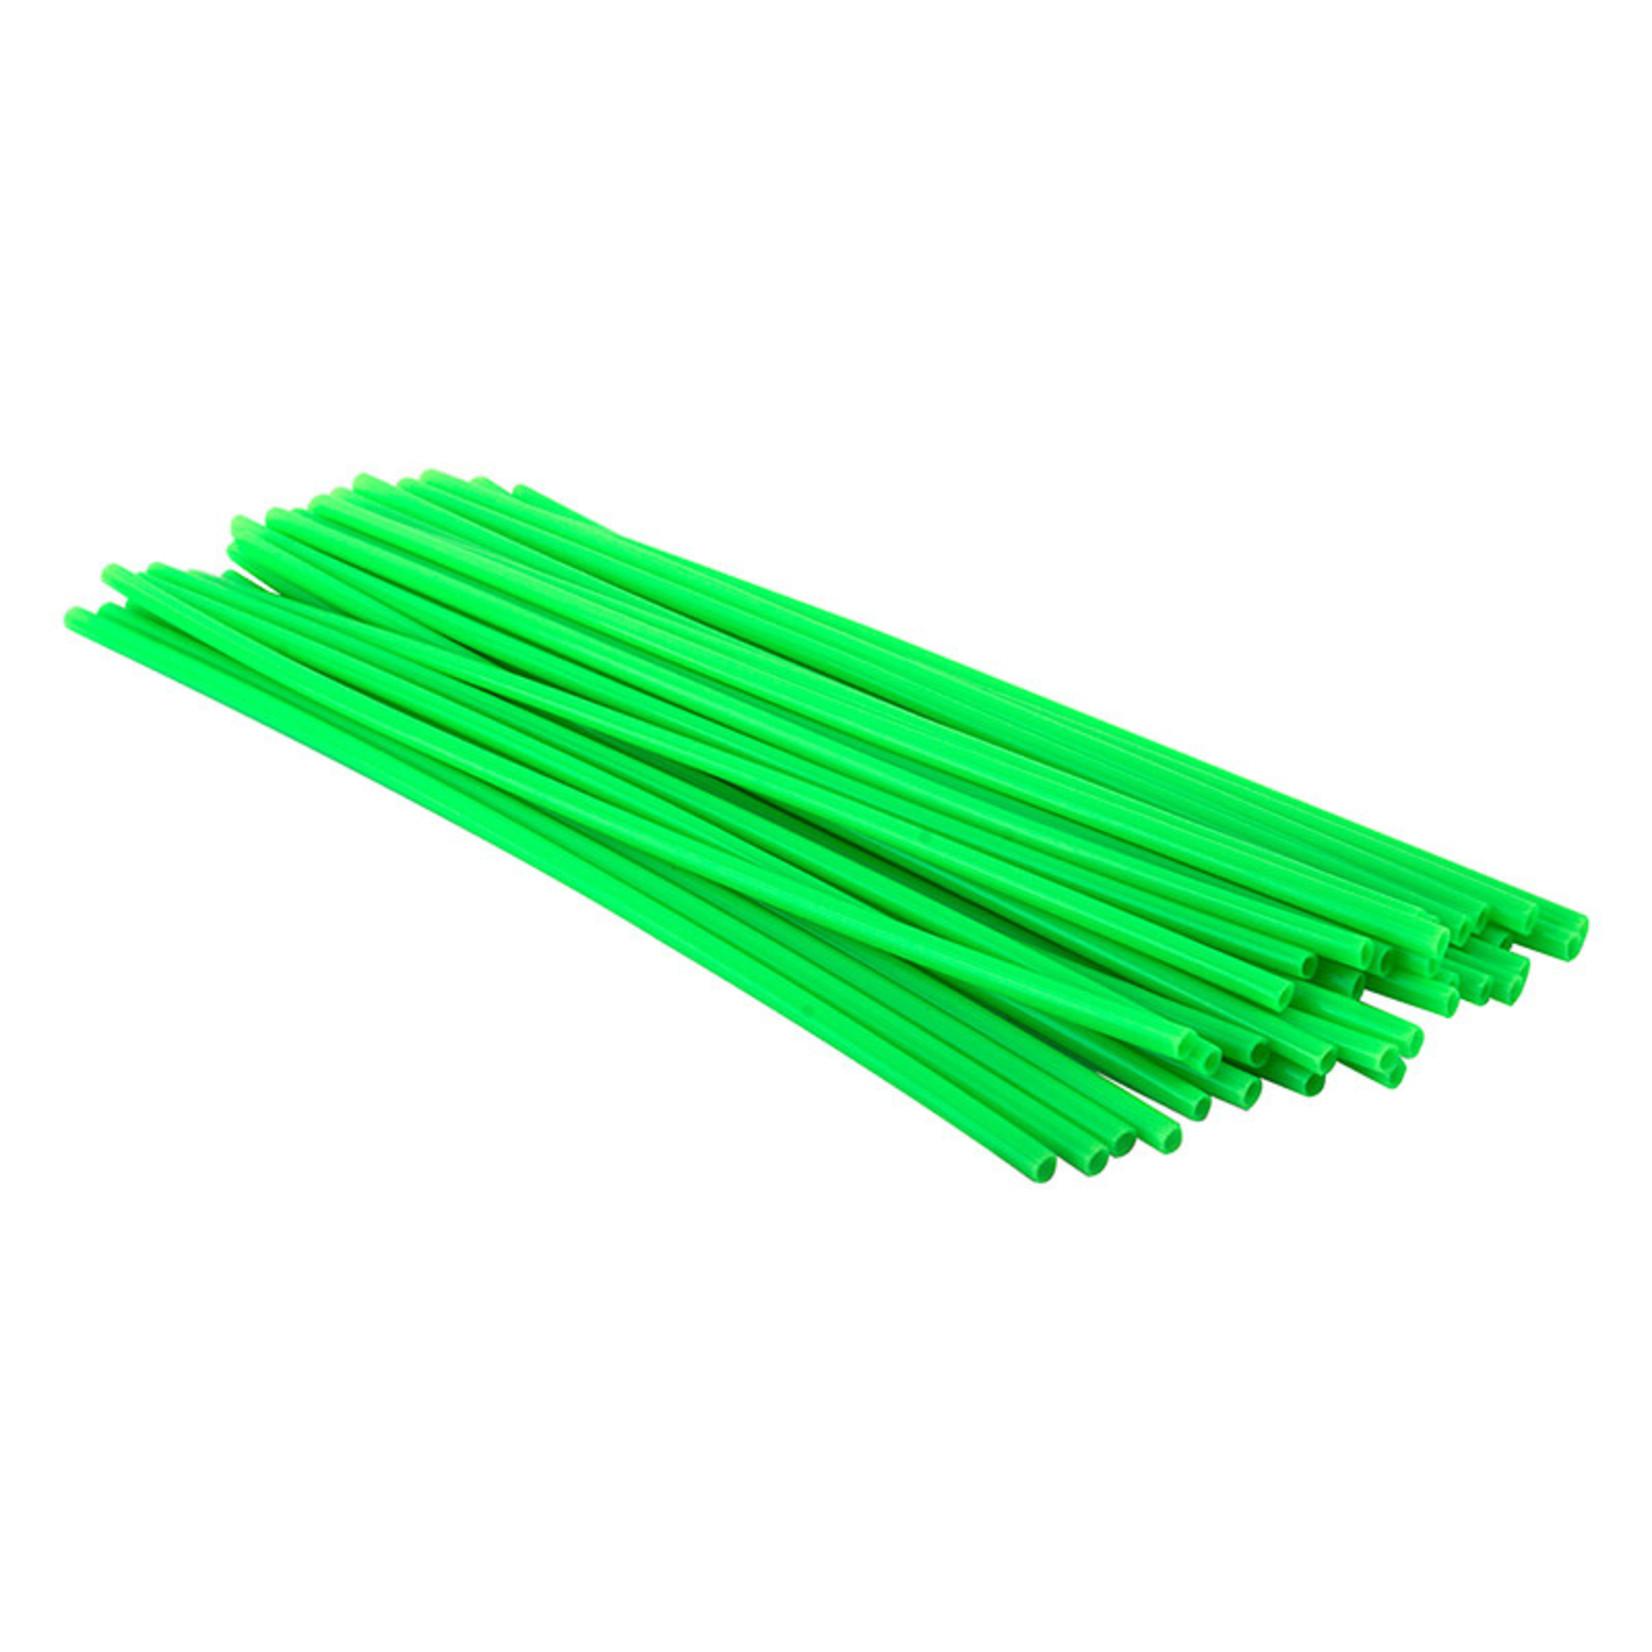 Spoke Covers Neon Green